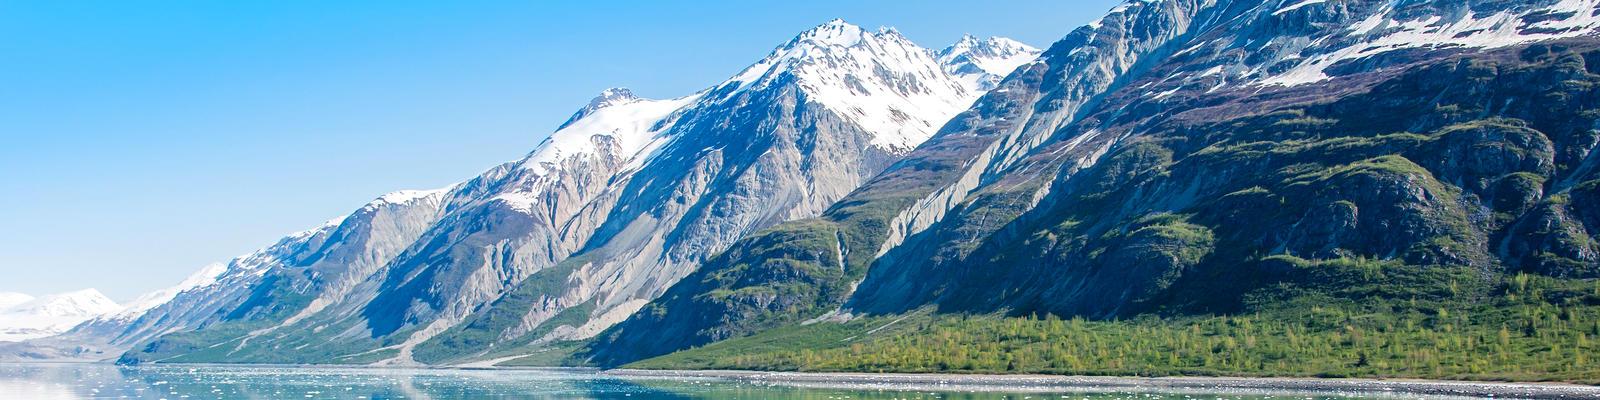 Glacier Bay in Alaska, United States (Photo: Grey82/Shutterstock)